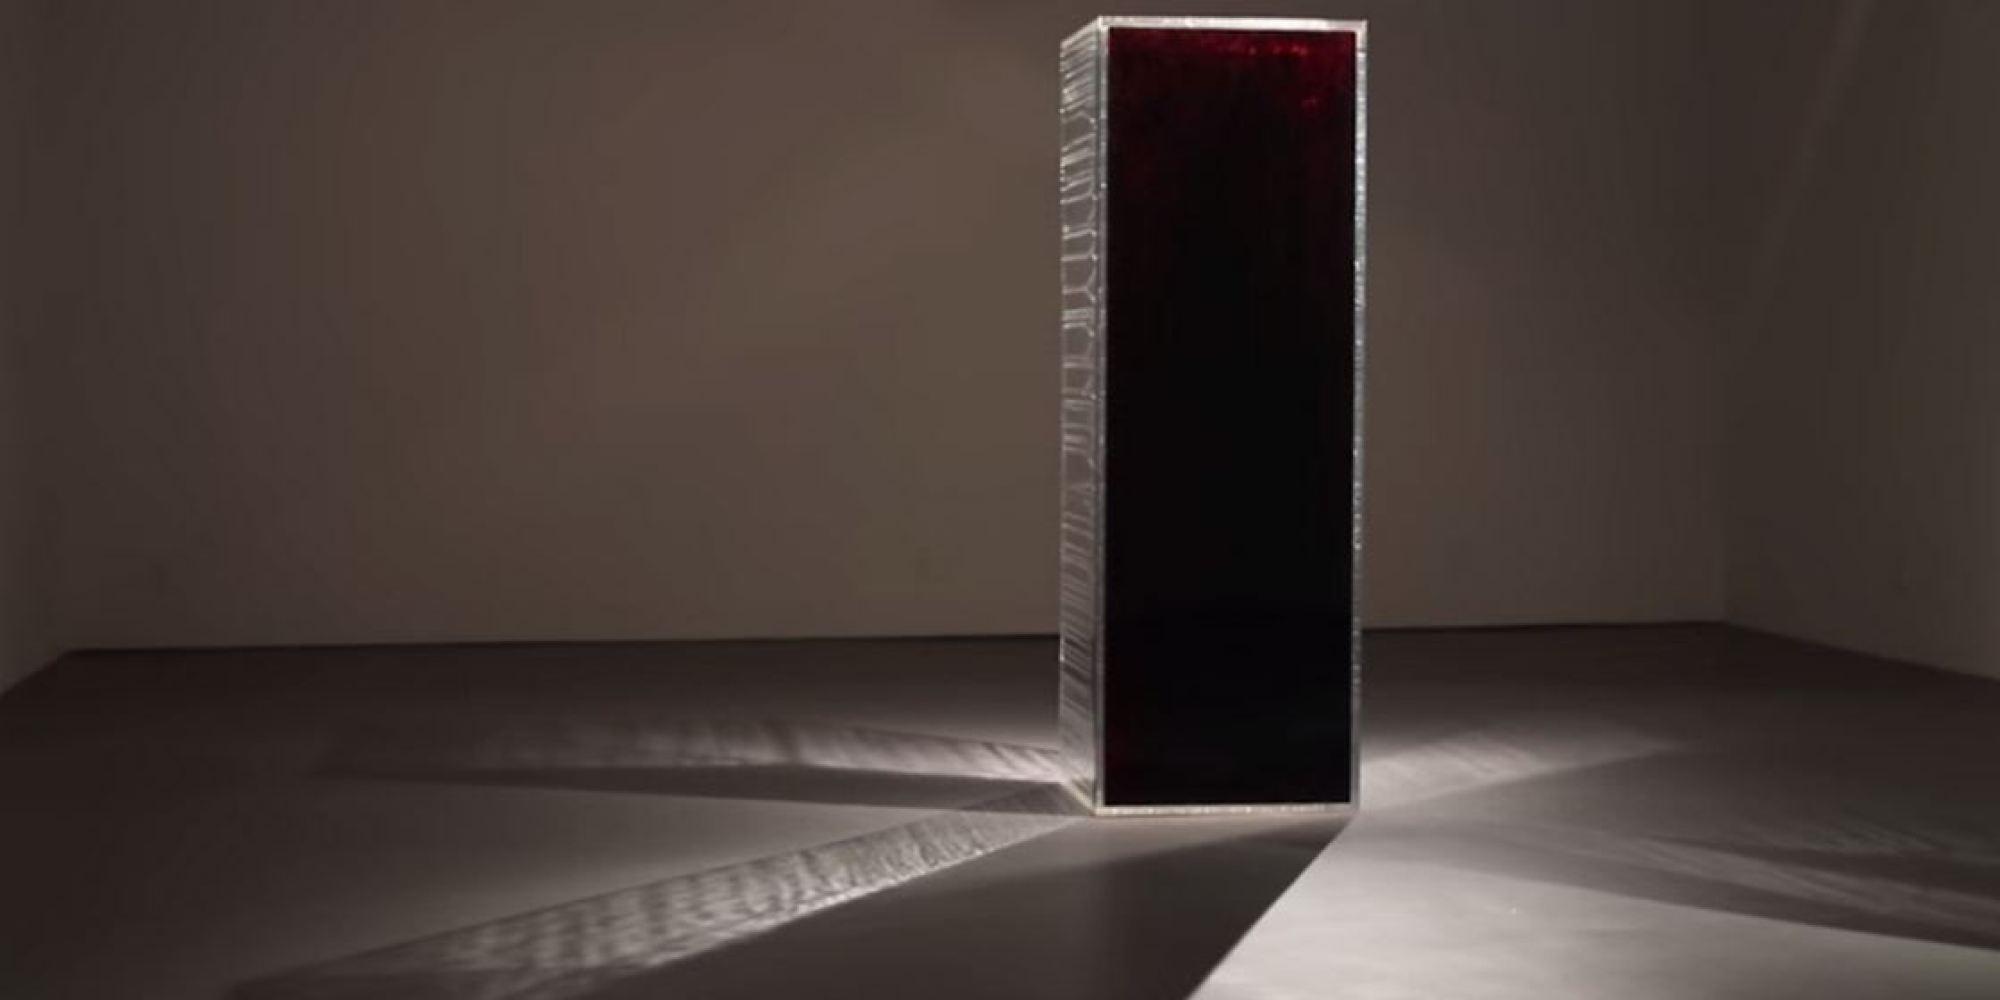 Don du sang le miroir du sang une oeuvre d 39 art pour que for Miroir youtubeuse